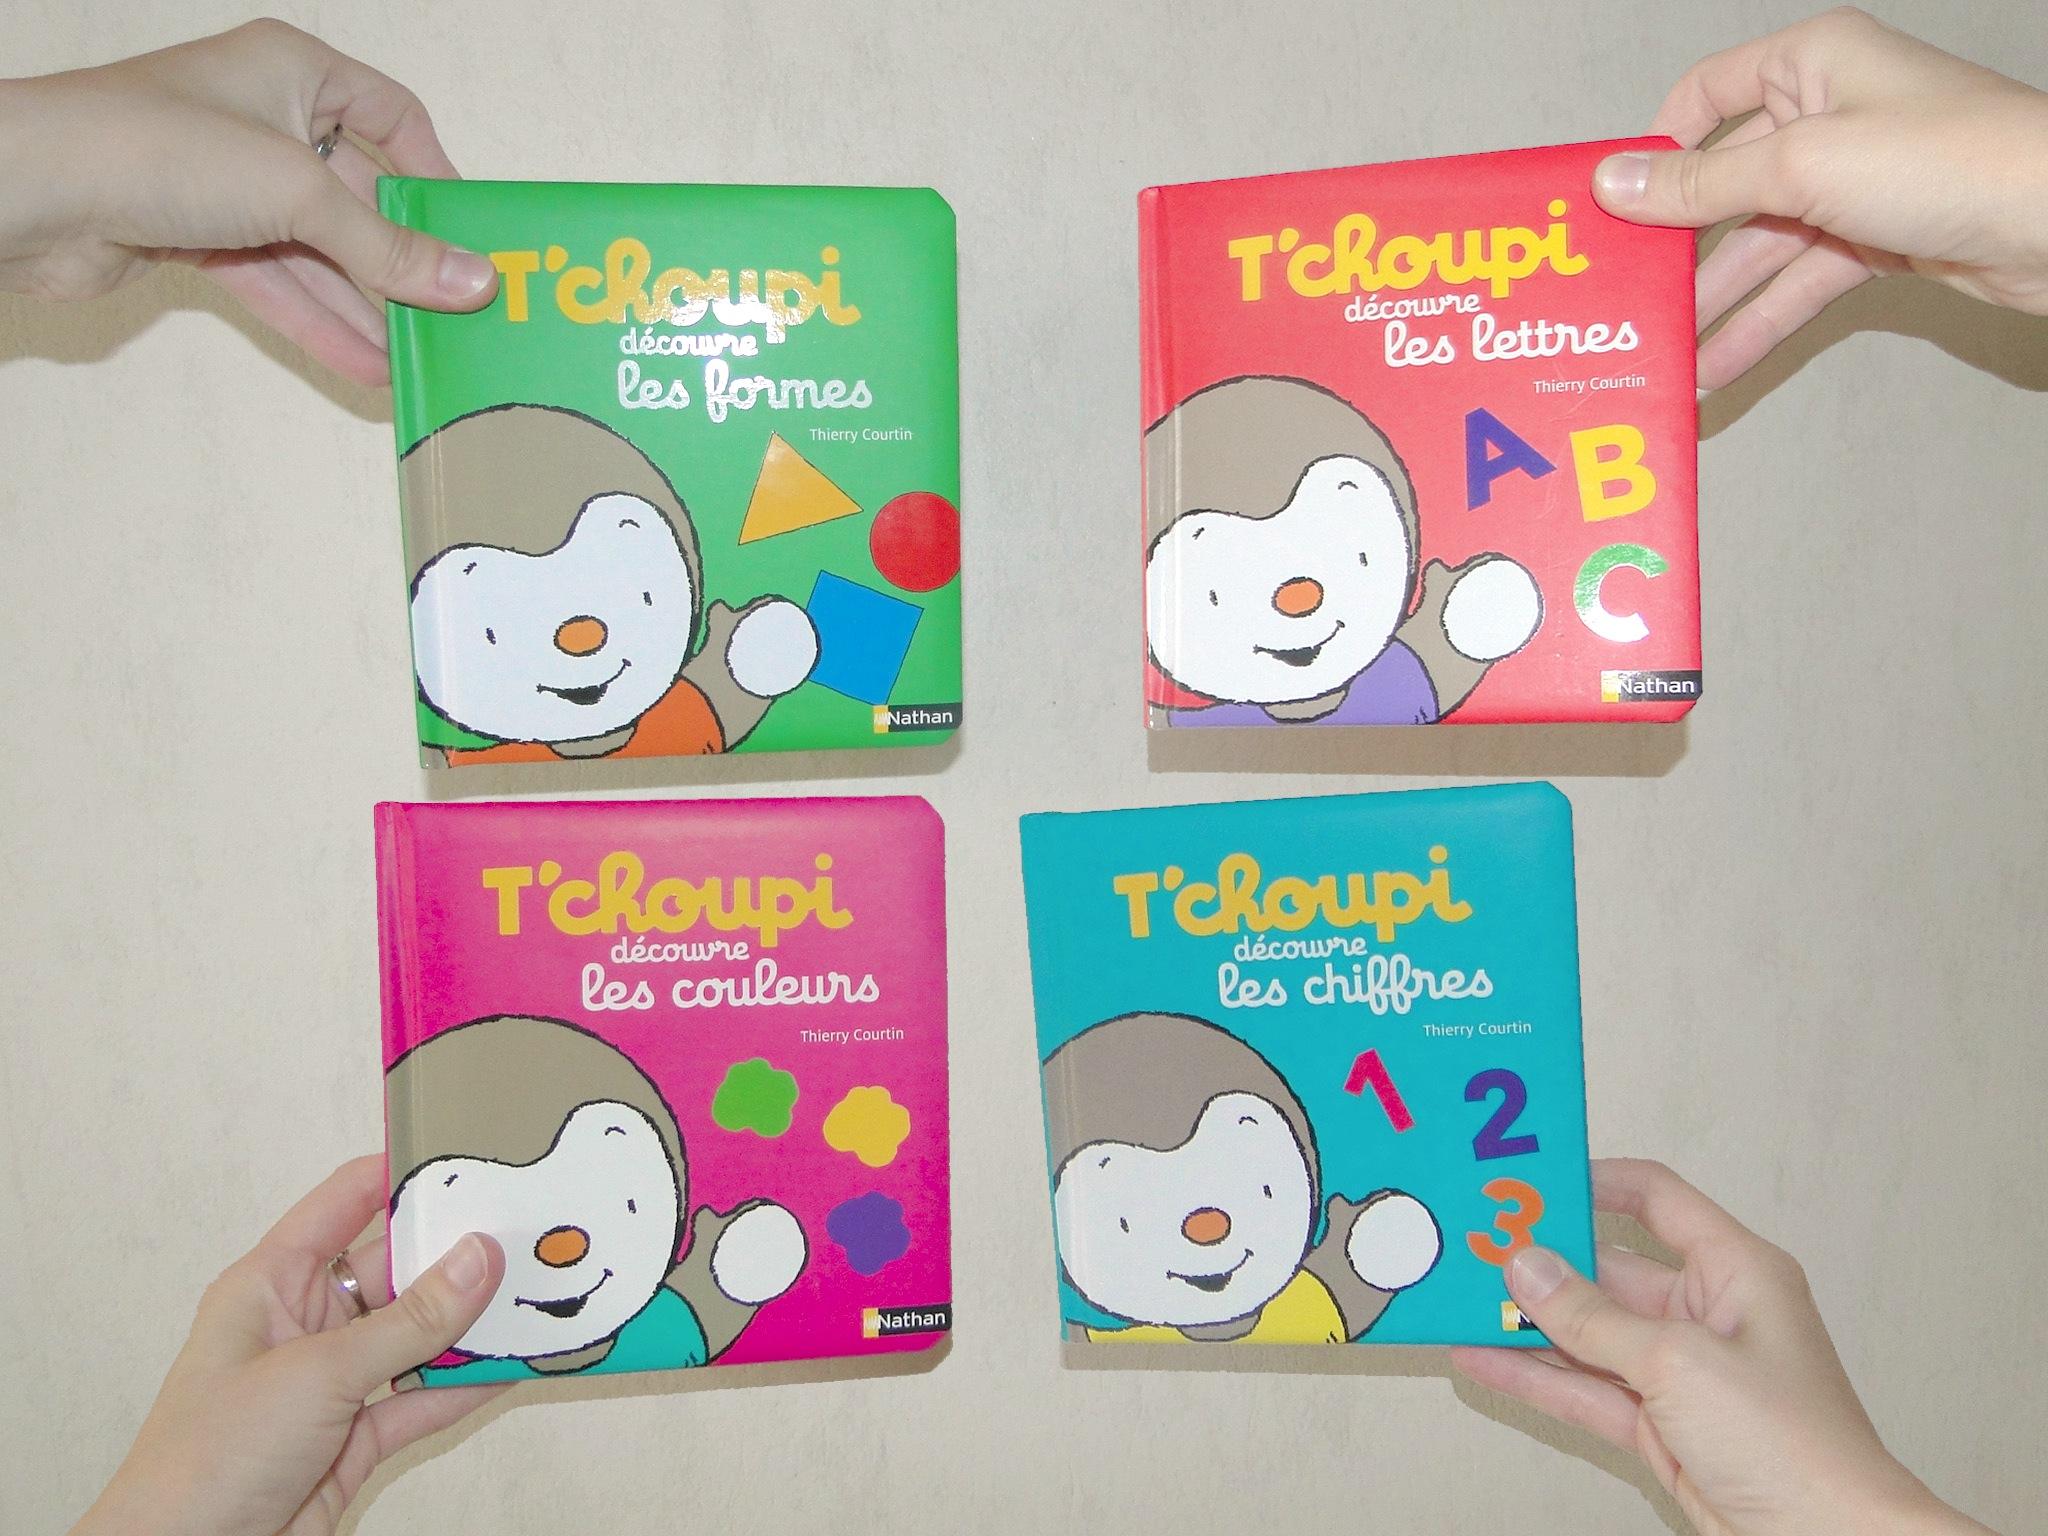 Tchoupi et doudou ils sont rigolos comme tout mais un peu envahissants t 39 as la tchoupi - Tchoupi tchoupi ...